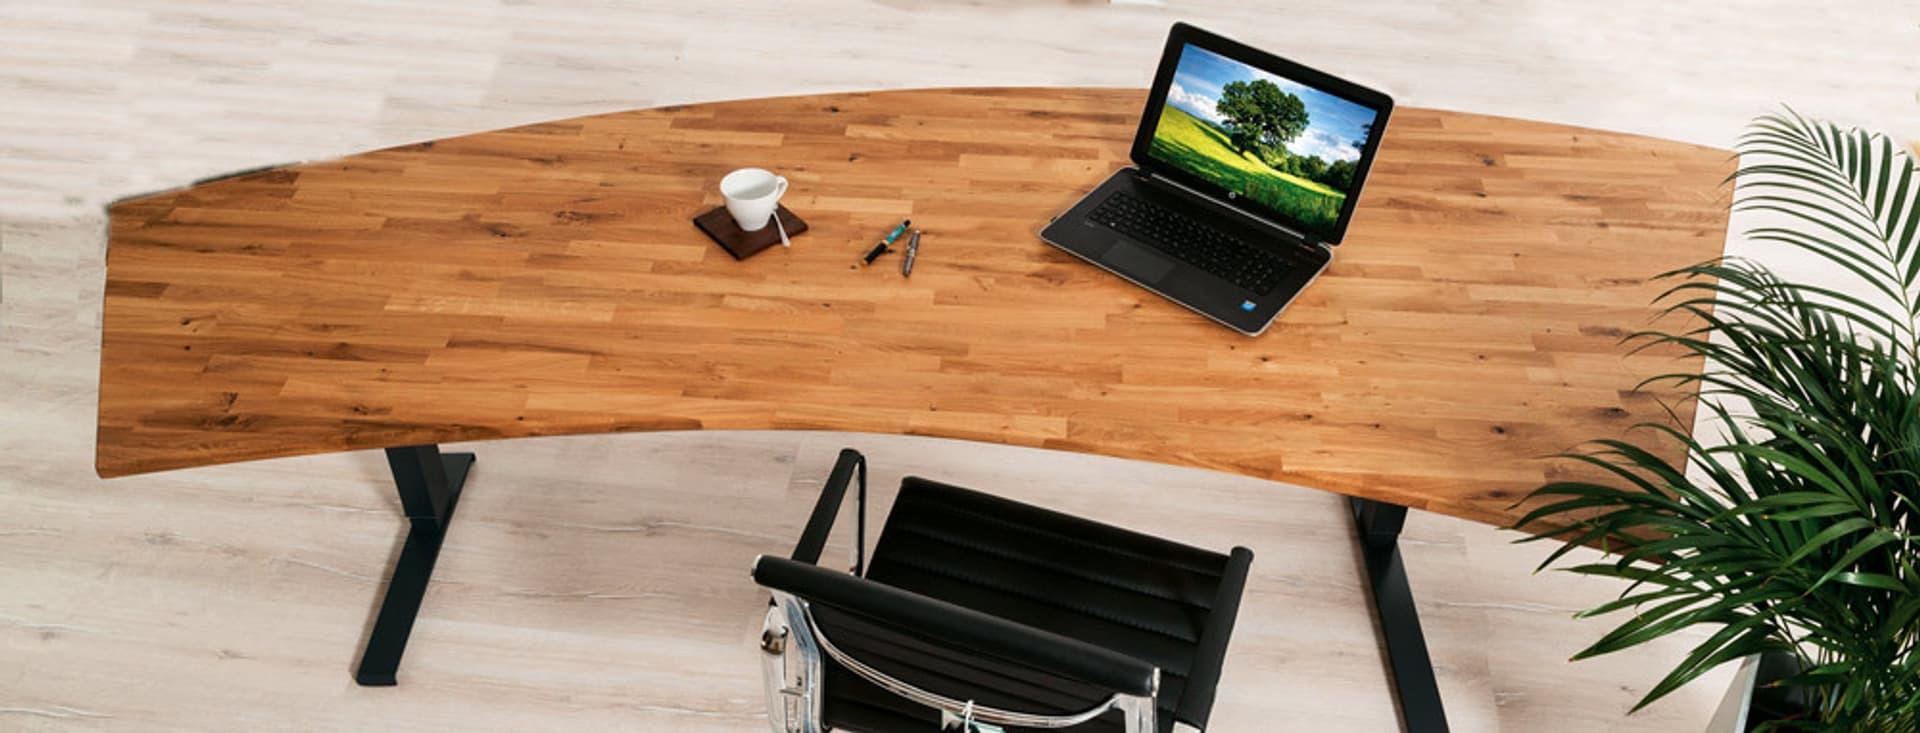 Geschwungene Arbeitsplatte aus Holz. Darauf ein Labtop und dabei steht ein Schreibtischstuhl